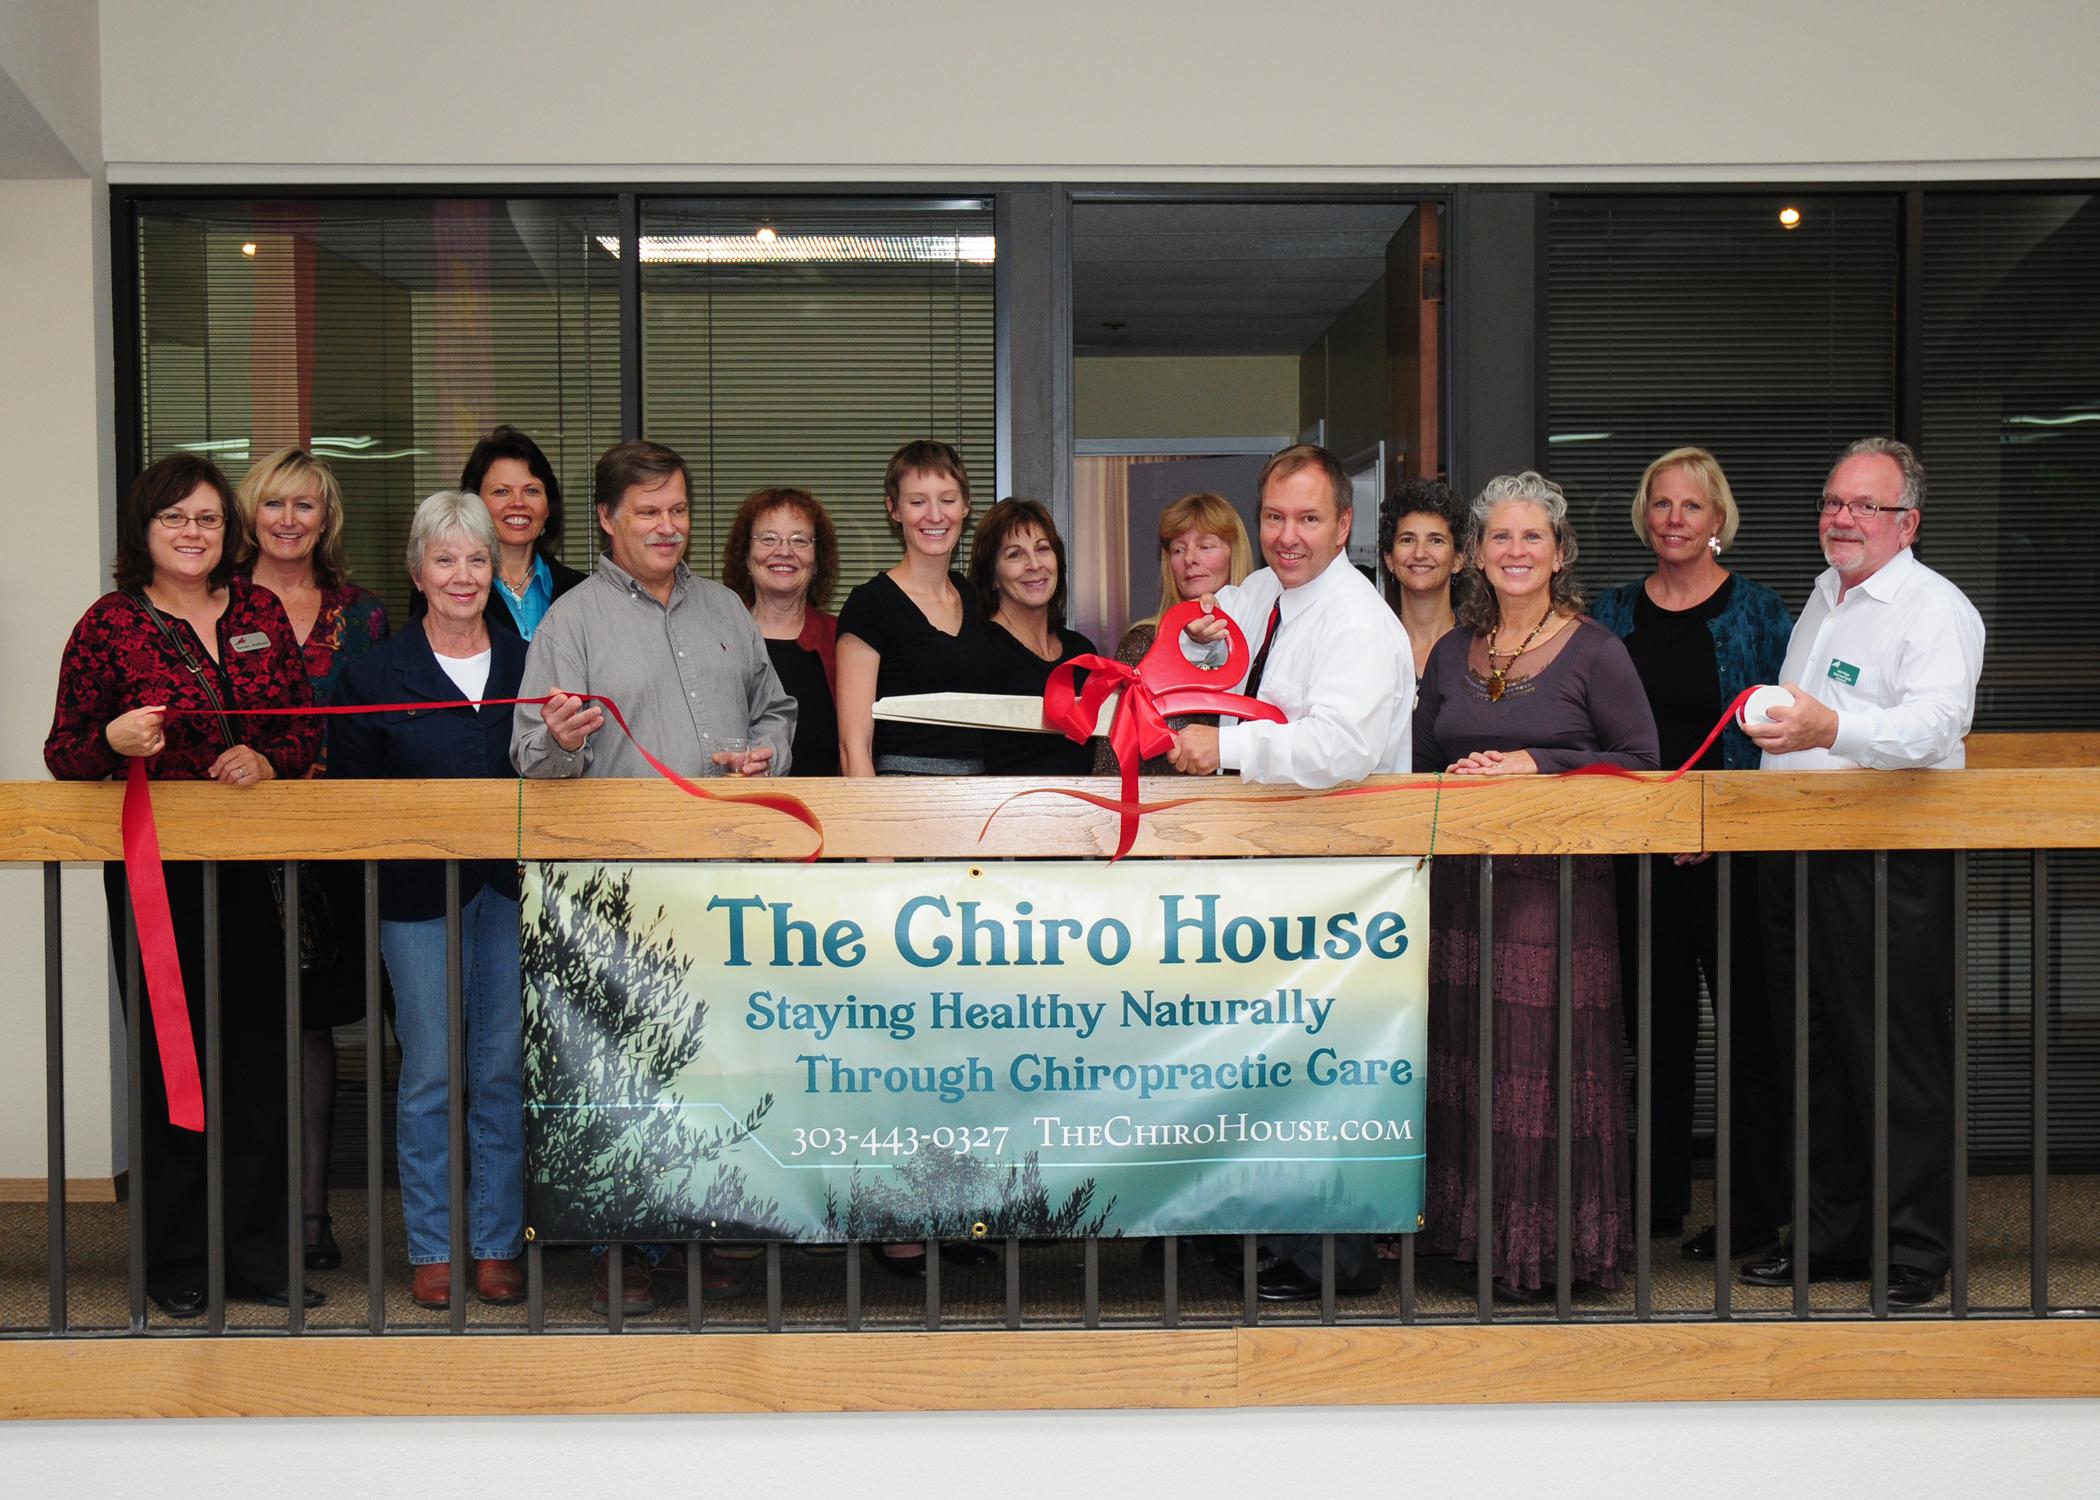 The Chiro House